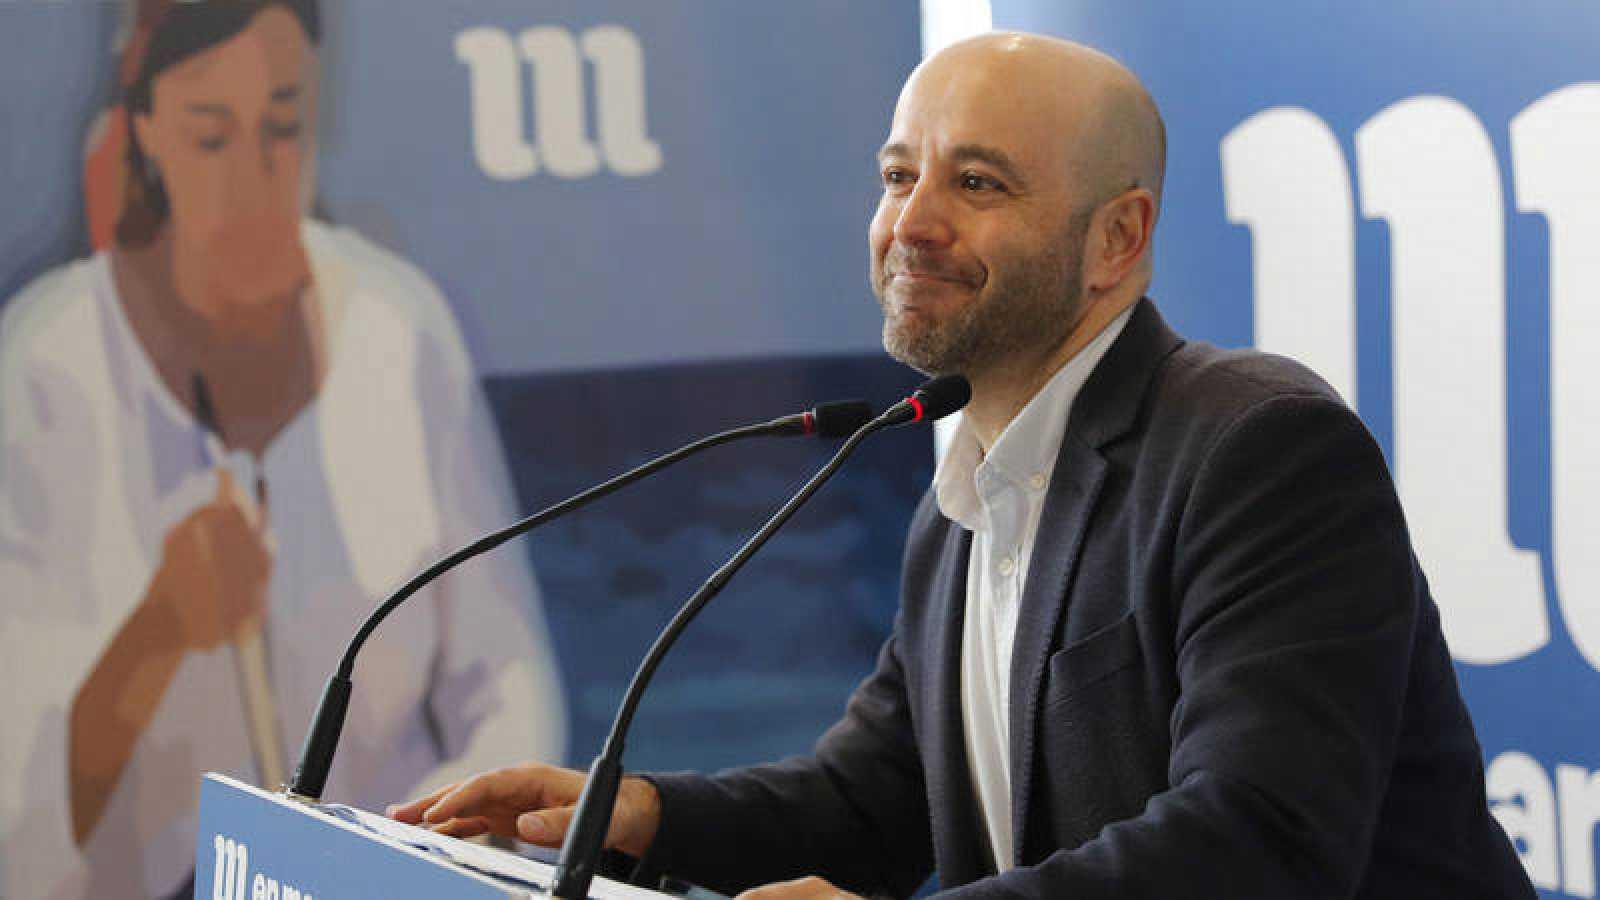 El portavoz de En Marea, Luis Villares, tras anunciar que deja la política